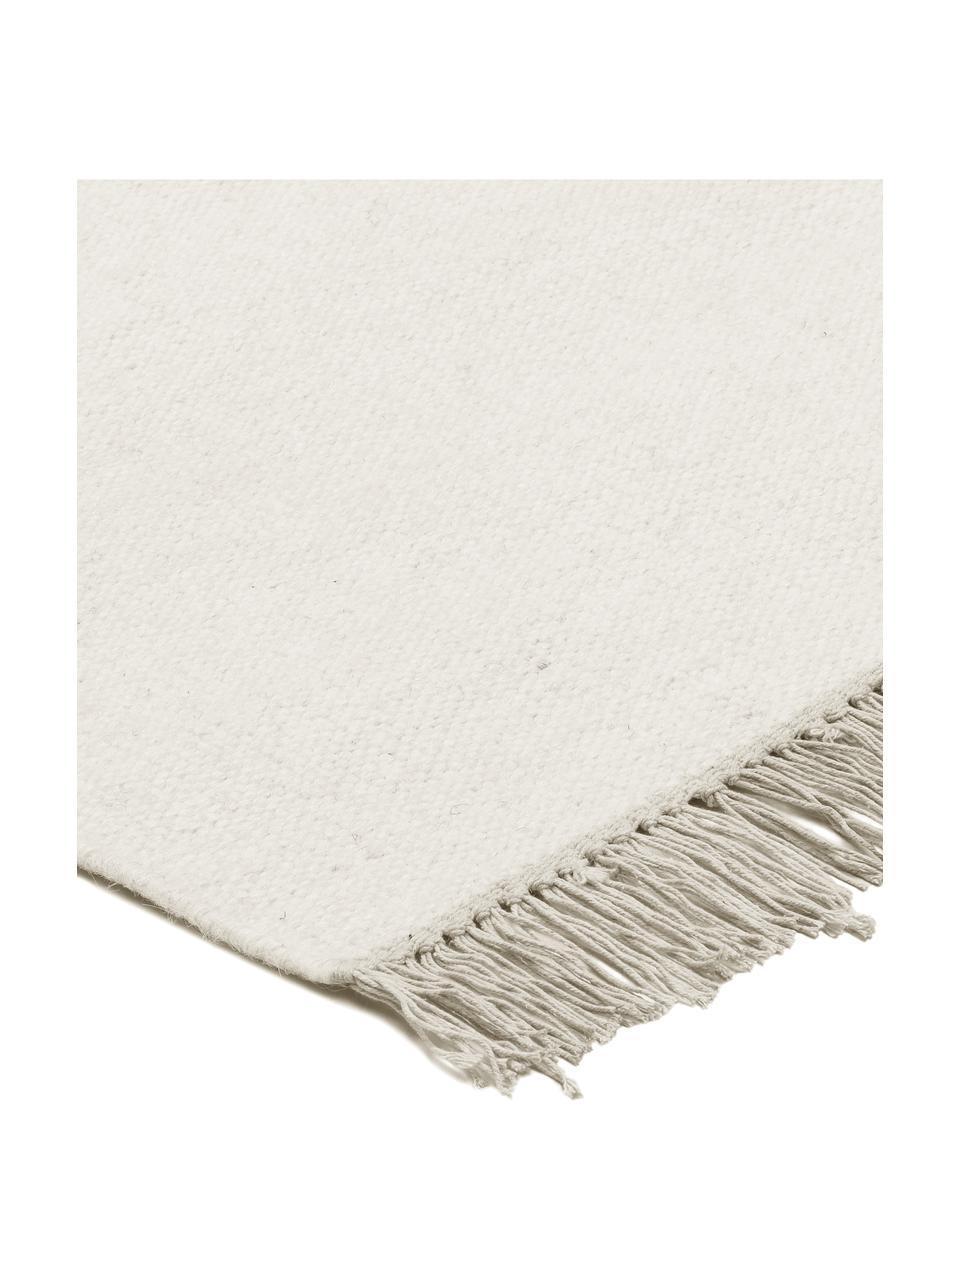 Tappeto Kilim in lana tessuto a mano con frange Rainbow, Frange: 100% cotone Nel caso dei , Bianco naturale, Larg. 170 x Lung. 240 cm (taglia M)